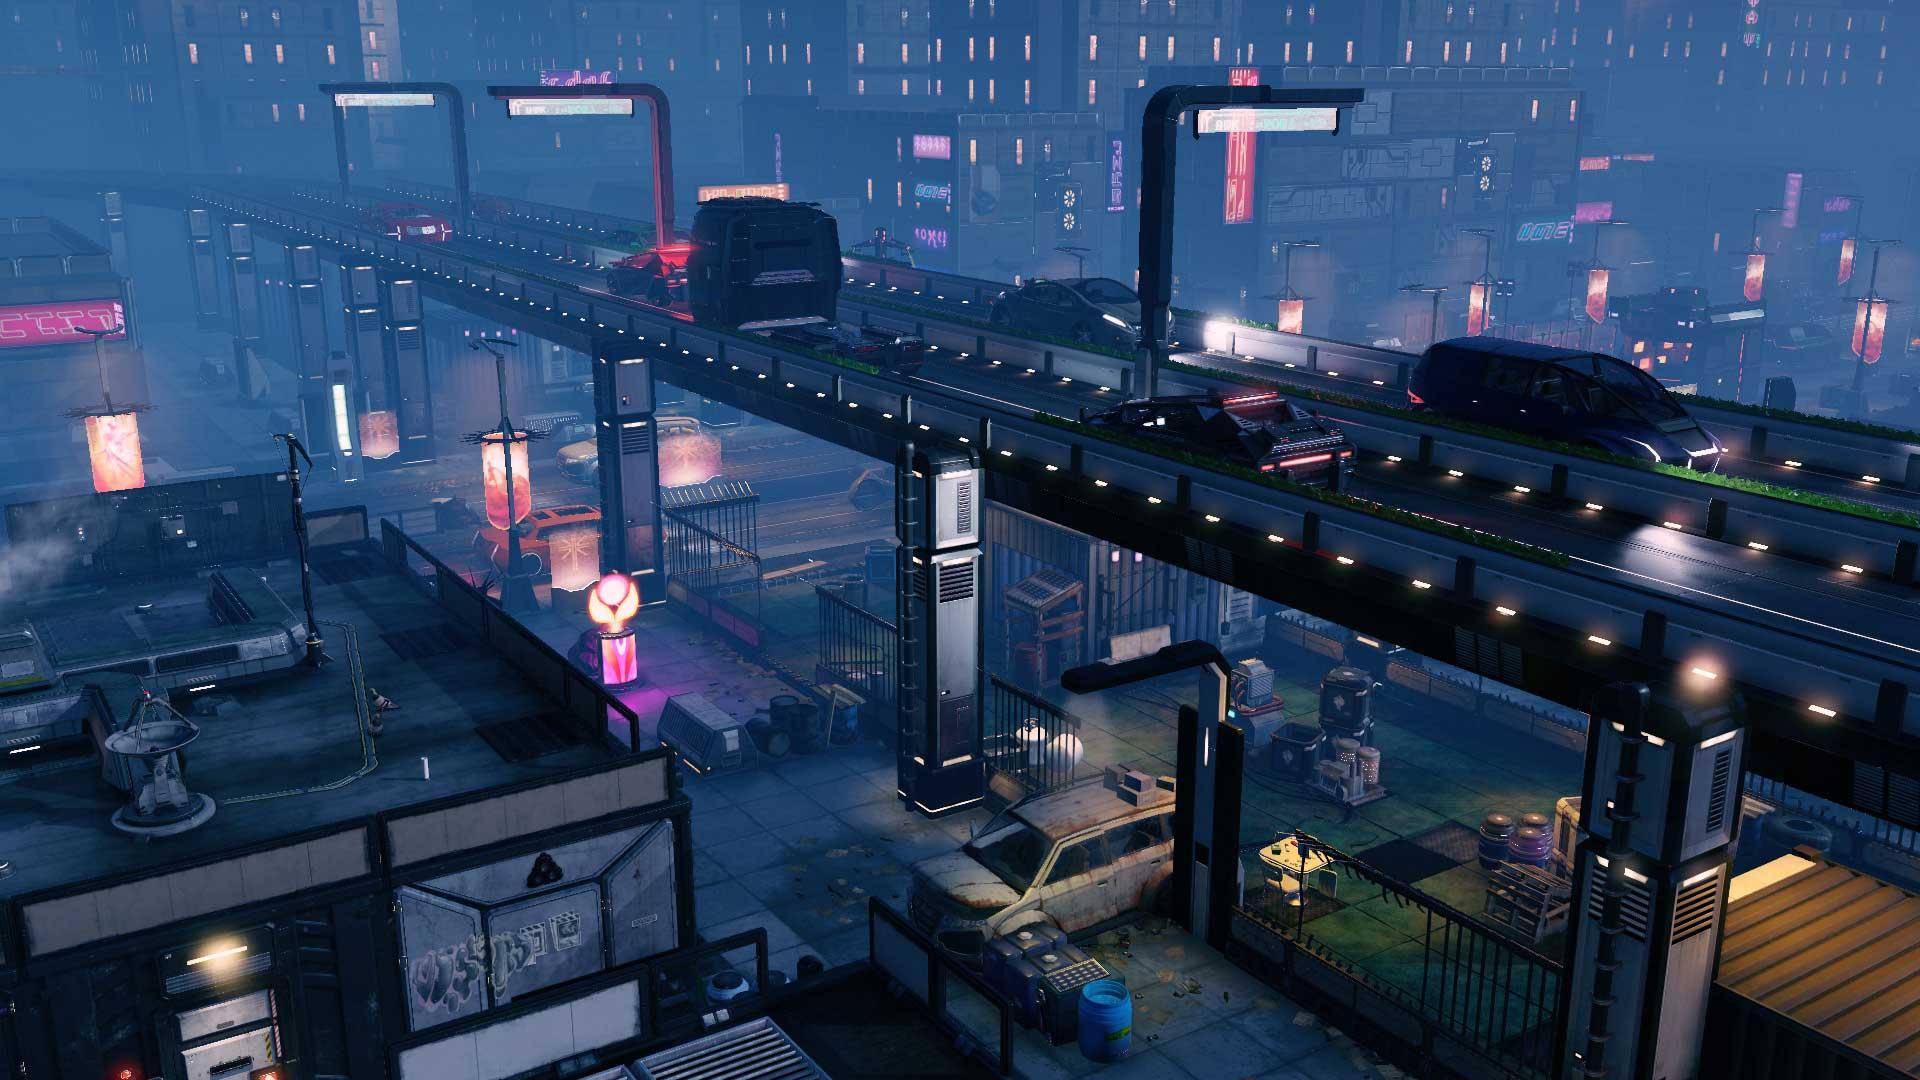 Image for Latest XCOM 2 screens show off Slums environment